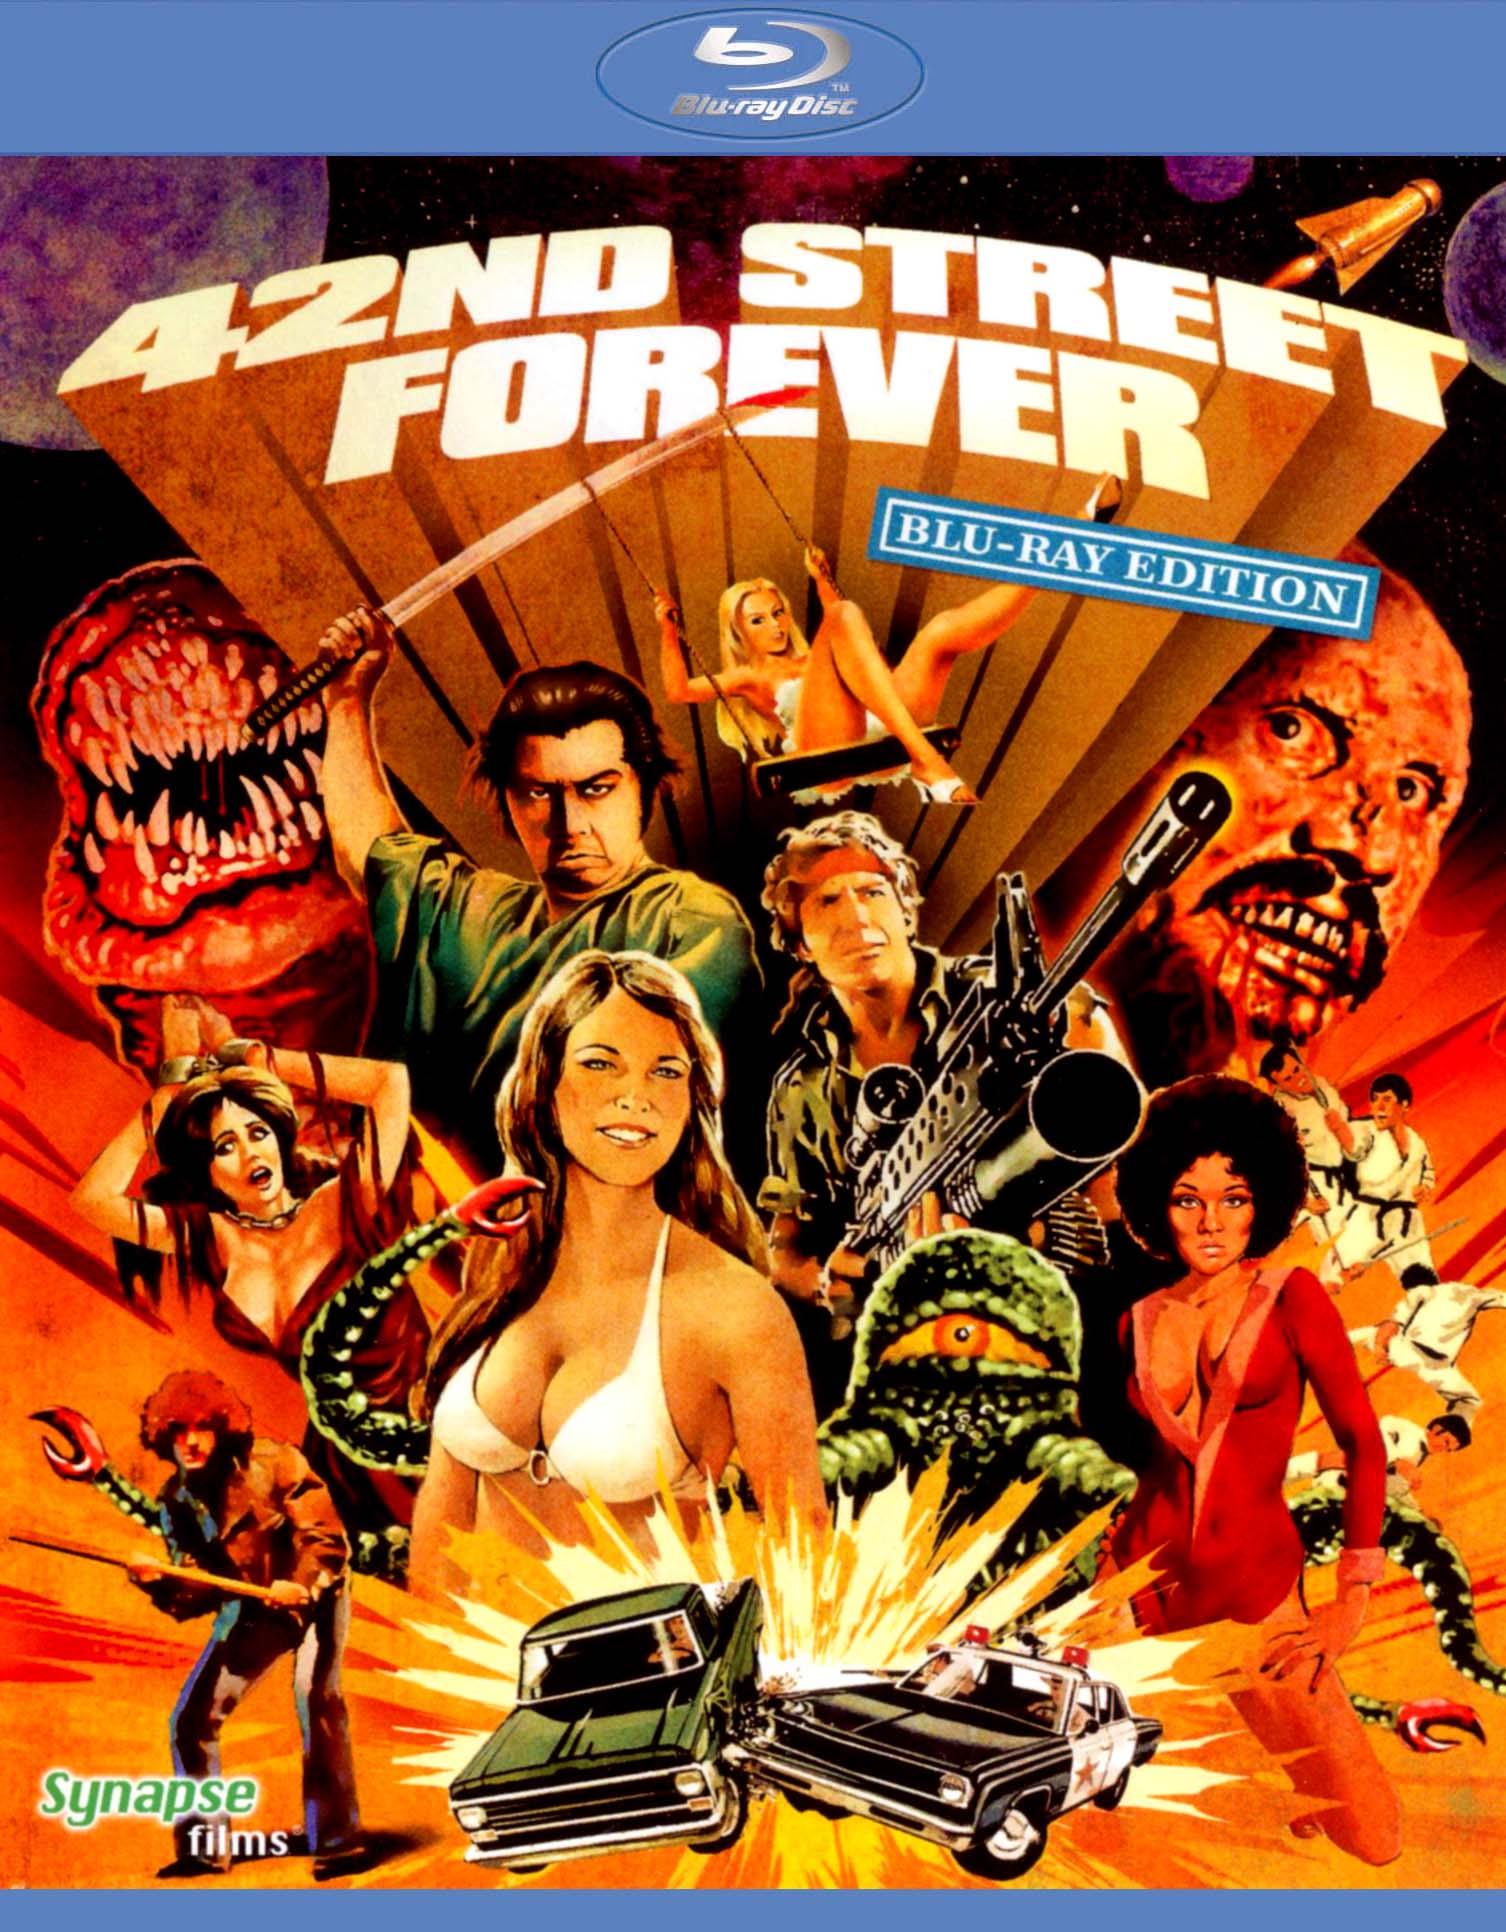 42nd Street Forever